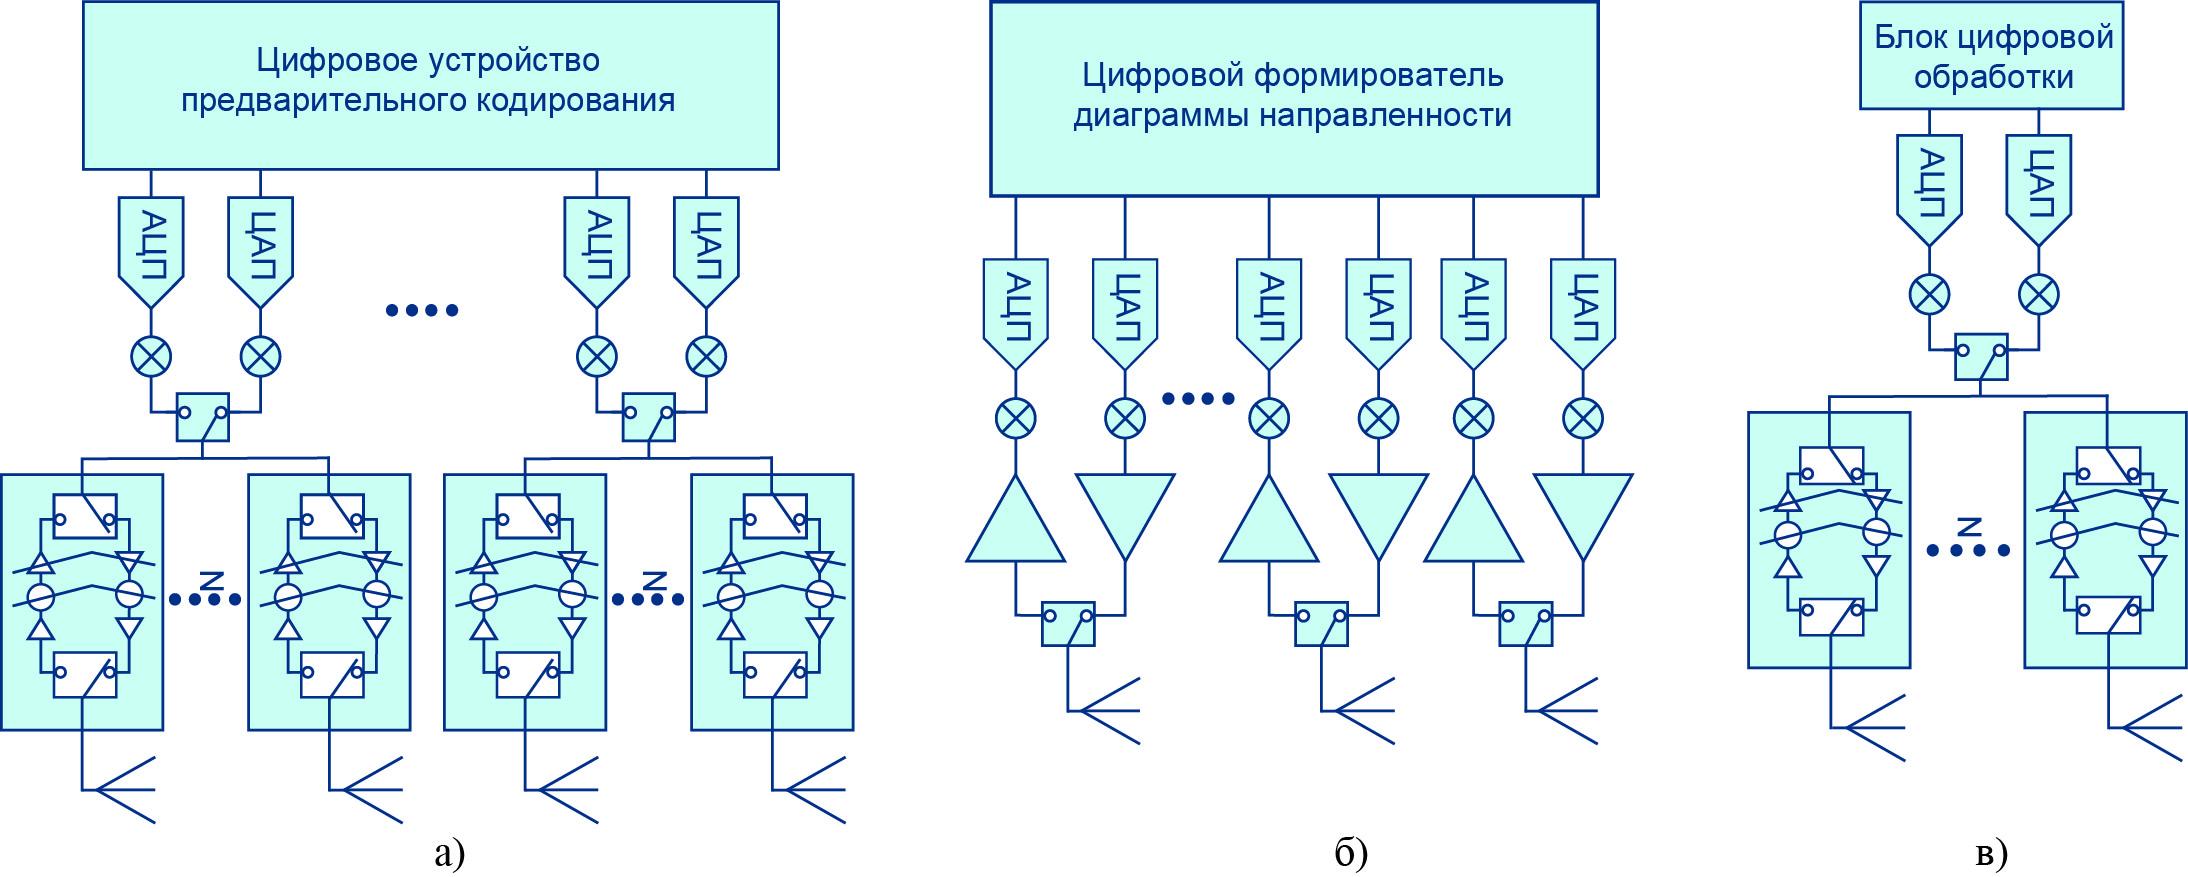 Формирование диаграммы направленности антенны: